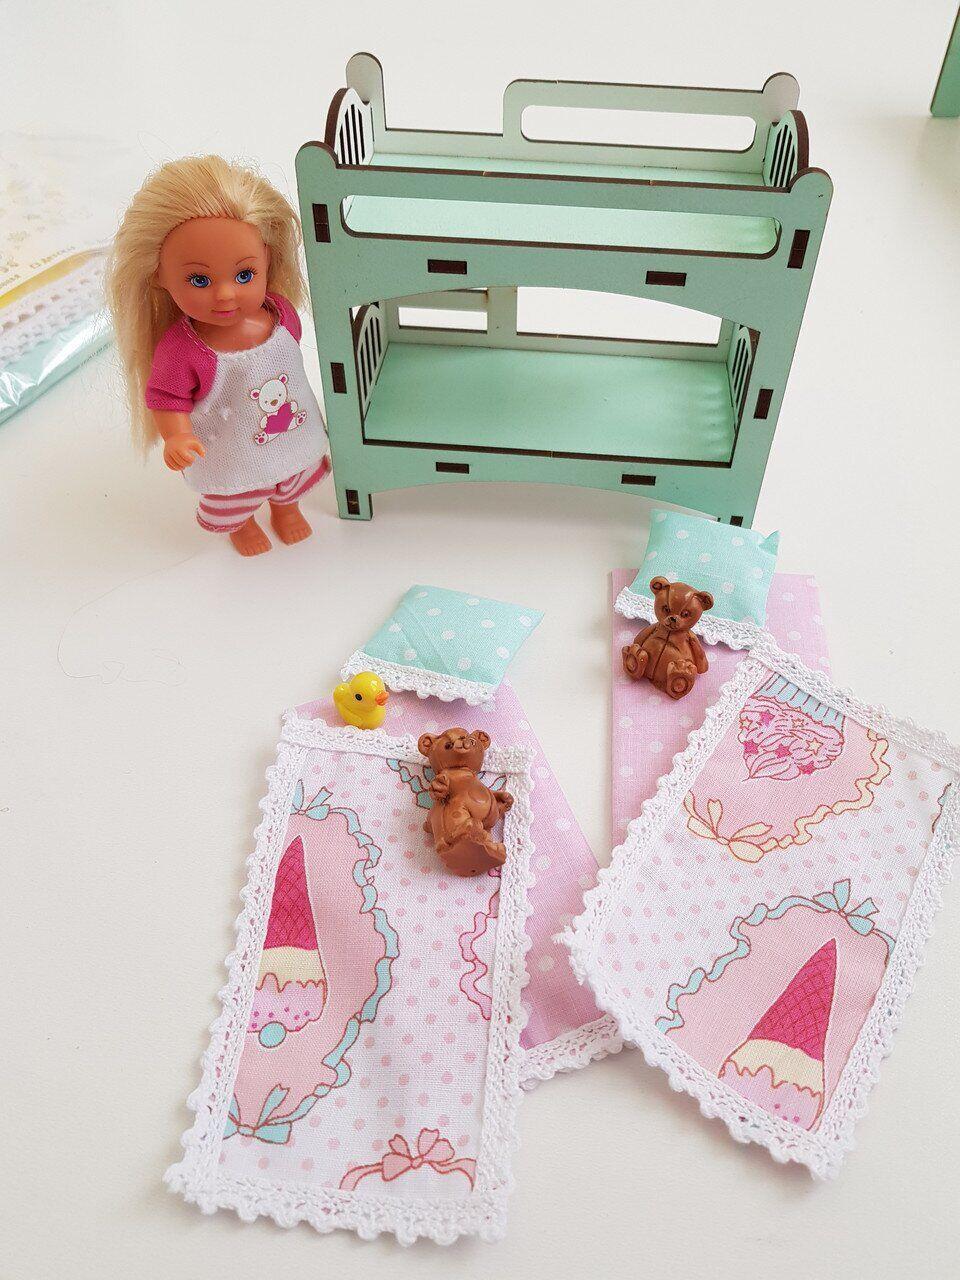 Комплект постельного белья (хлопок) для кукольного домика для кукол LOL (ЛОЛ), 6 ед.